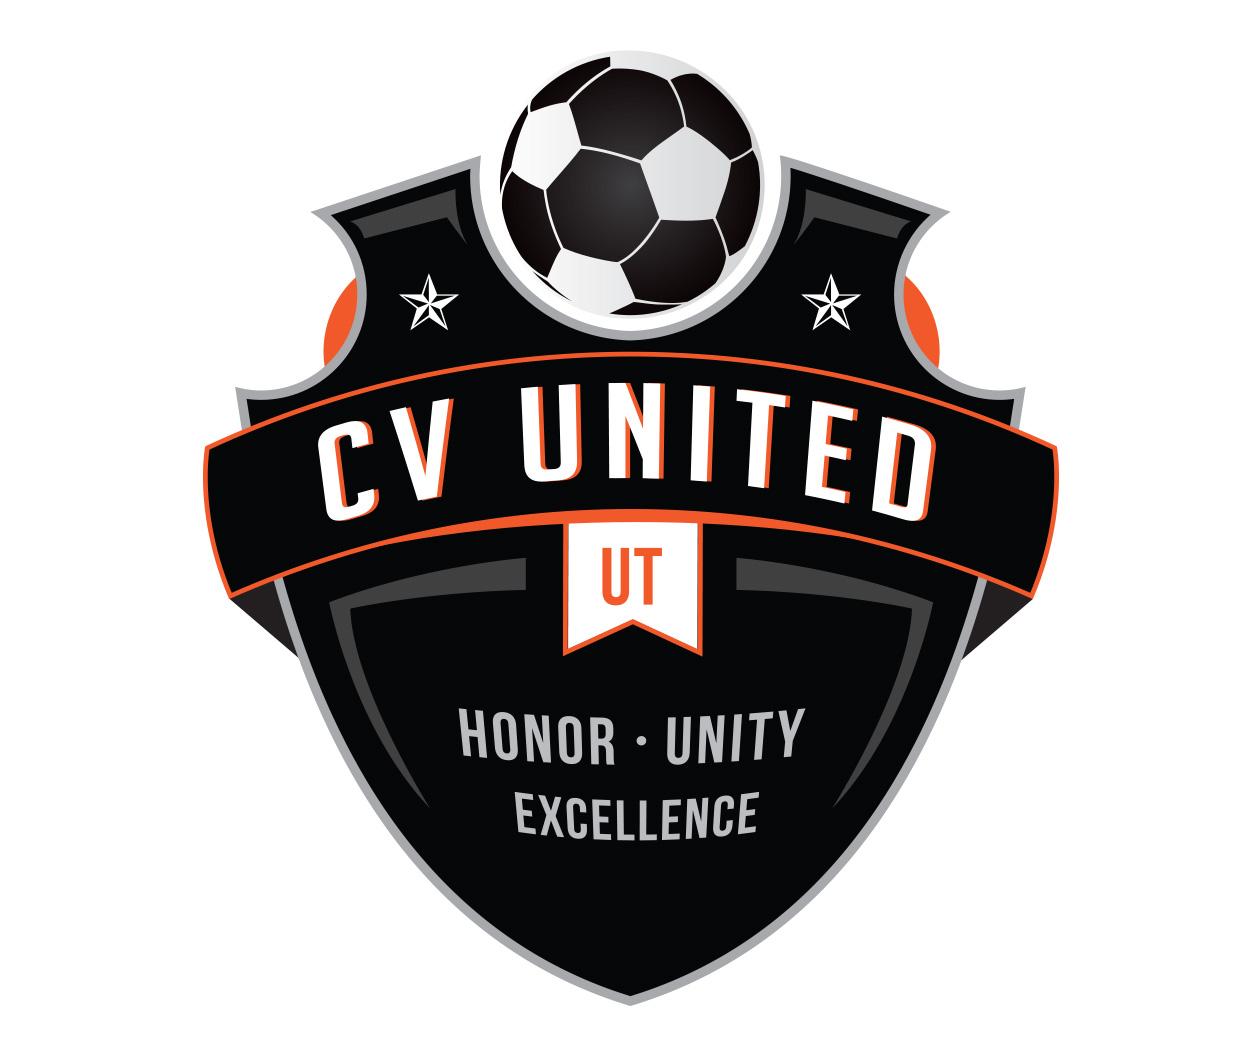 testimonial-for-the-custom-sports-logo-design-for-cv-united-by-jordan-fretz.jpg